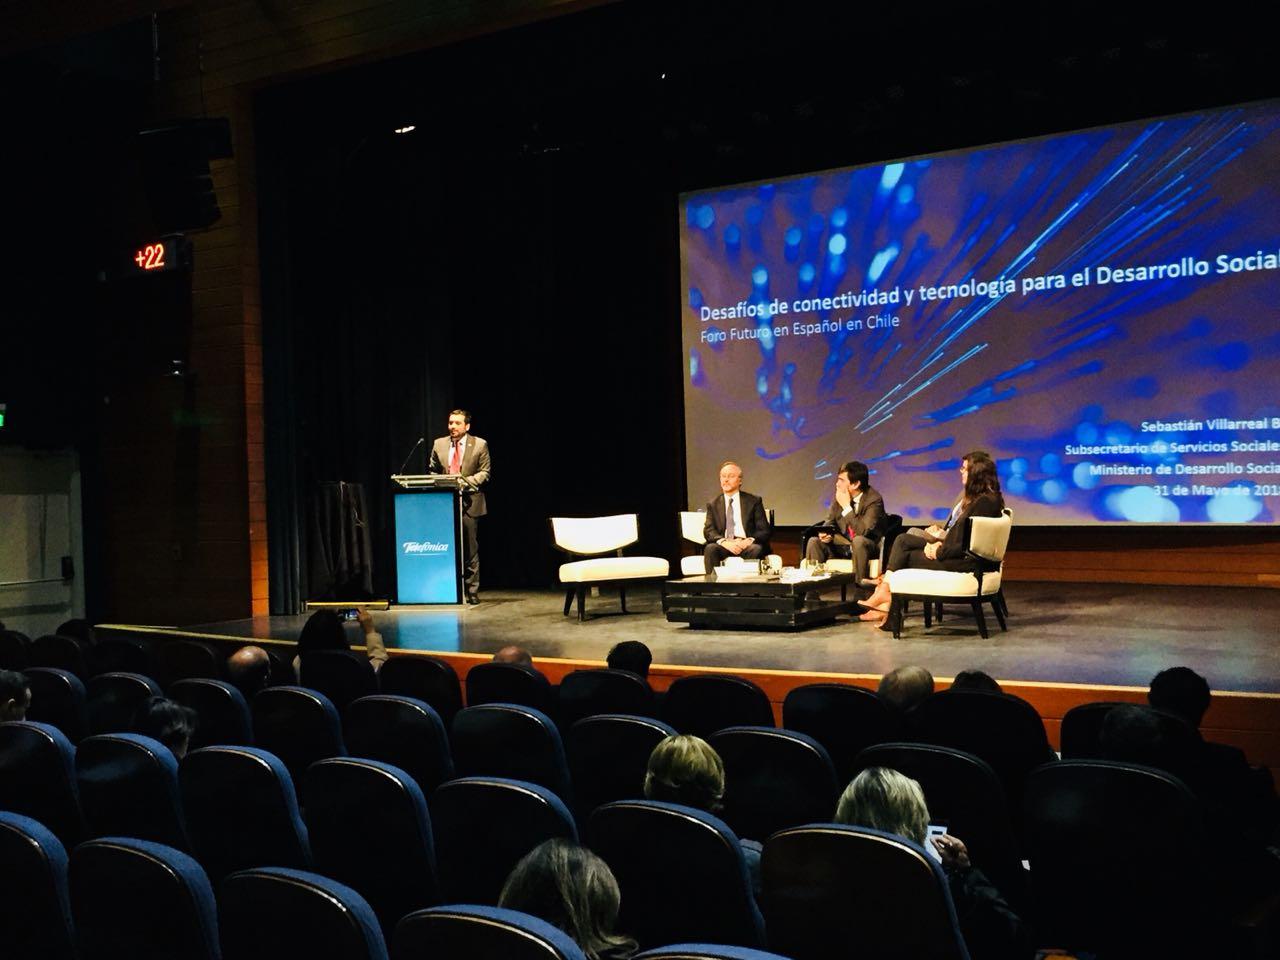 """Presidente de País Digital participa en segunda jornada del III Foro """"Futuro en Español"""" en Chile"""